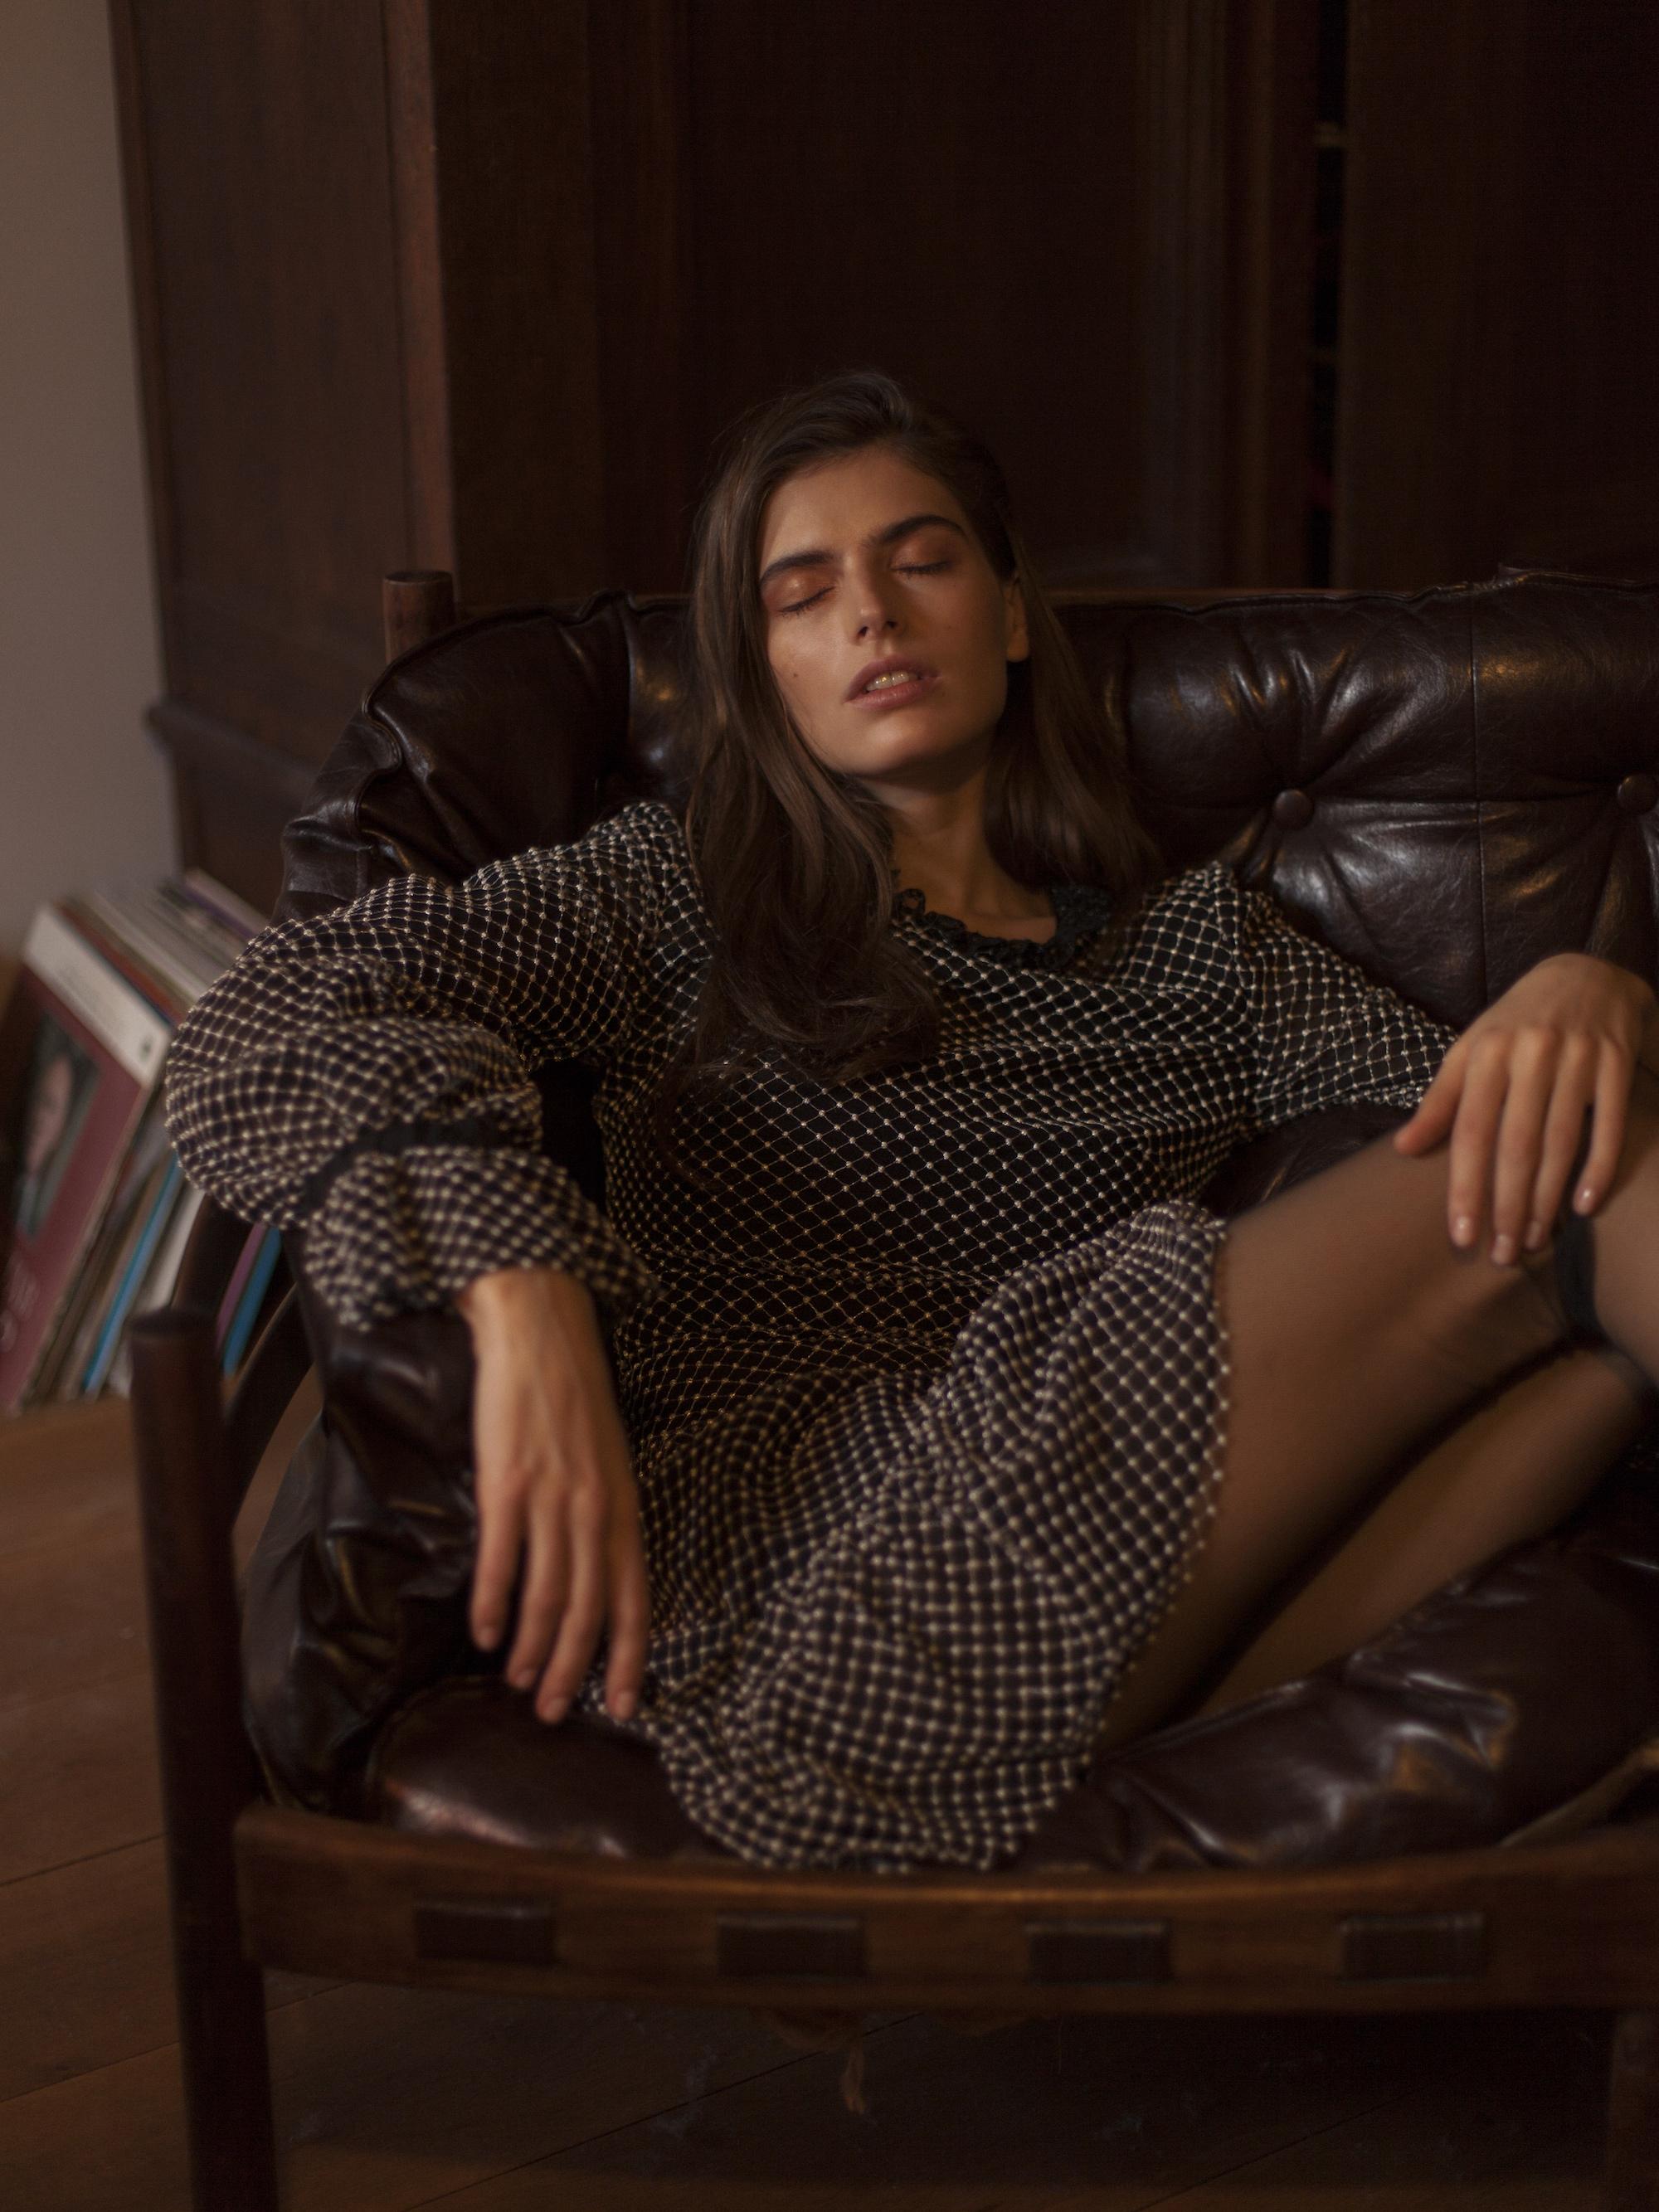 Dress and Tights YASYA MINOCHKINA